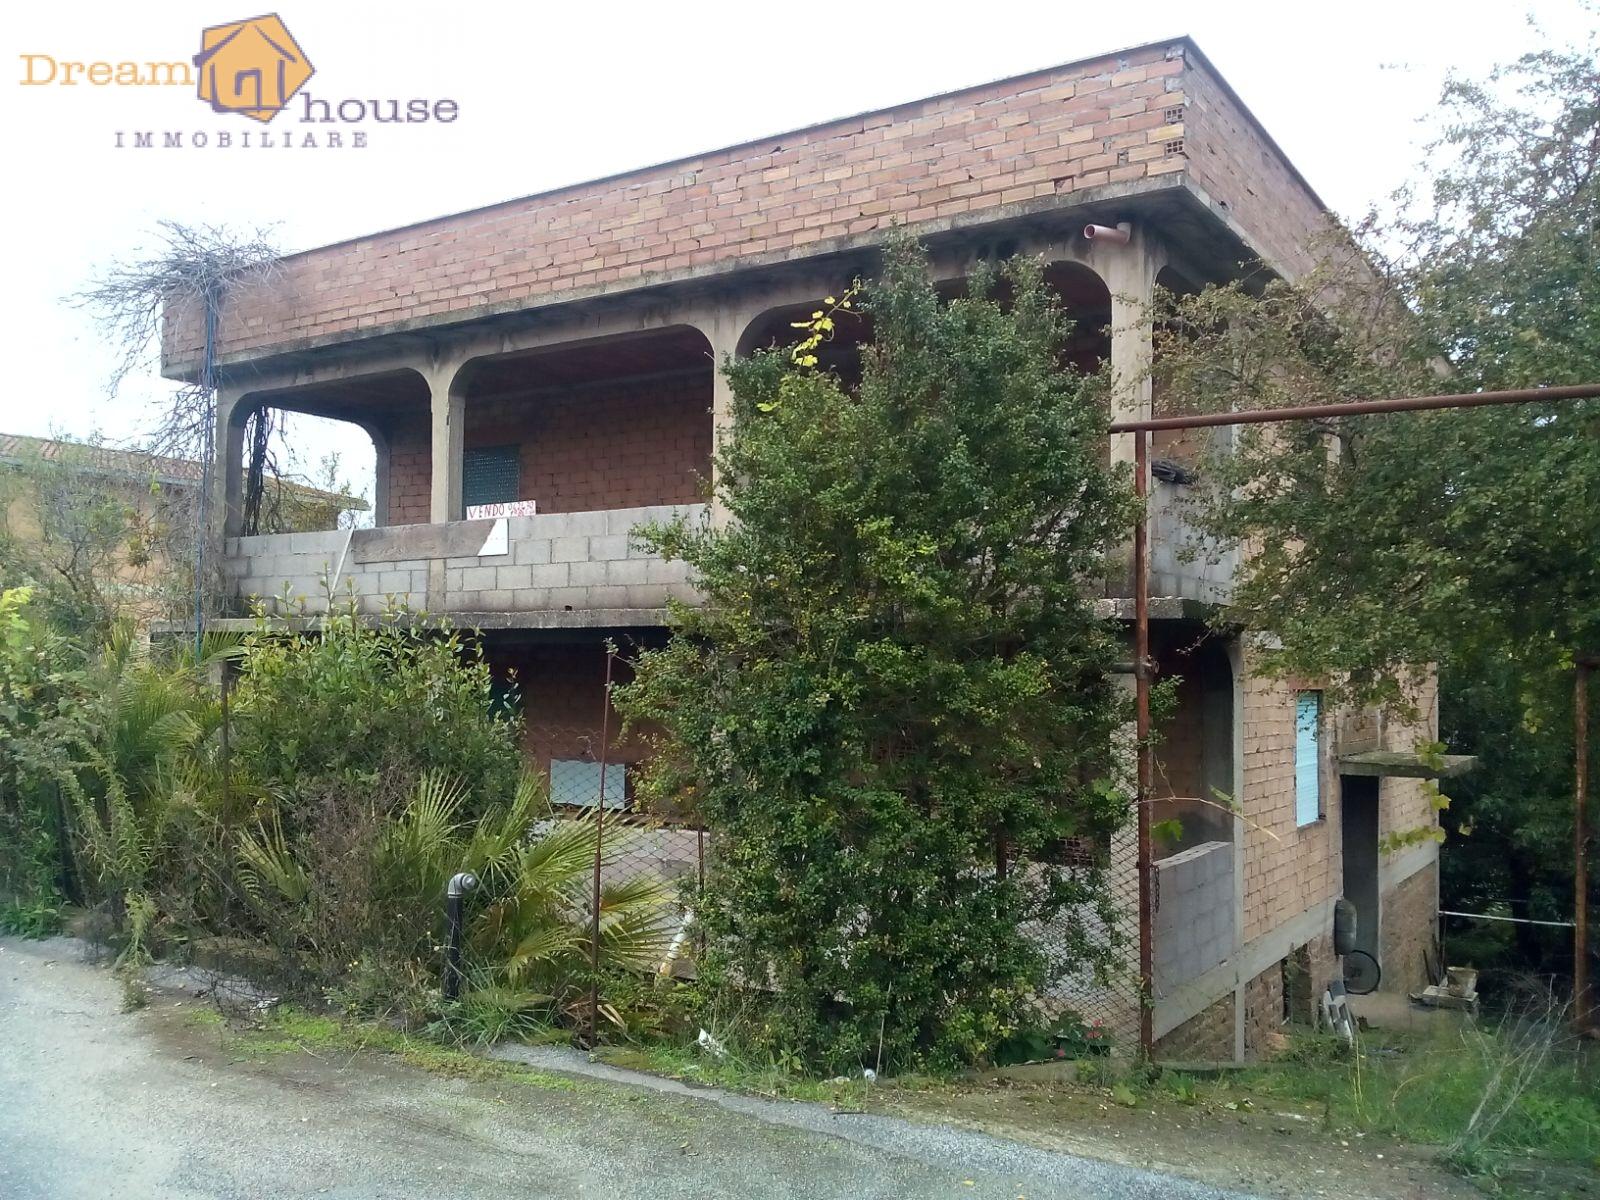 Palazzo / Stabile in vendita a Roma, 10 locali, zona Località: Laurentino, prezzo € 300.000 | Cambio Casa.it